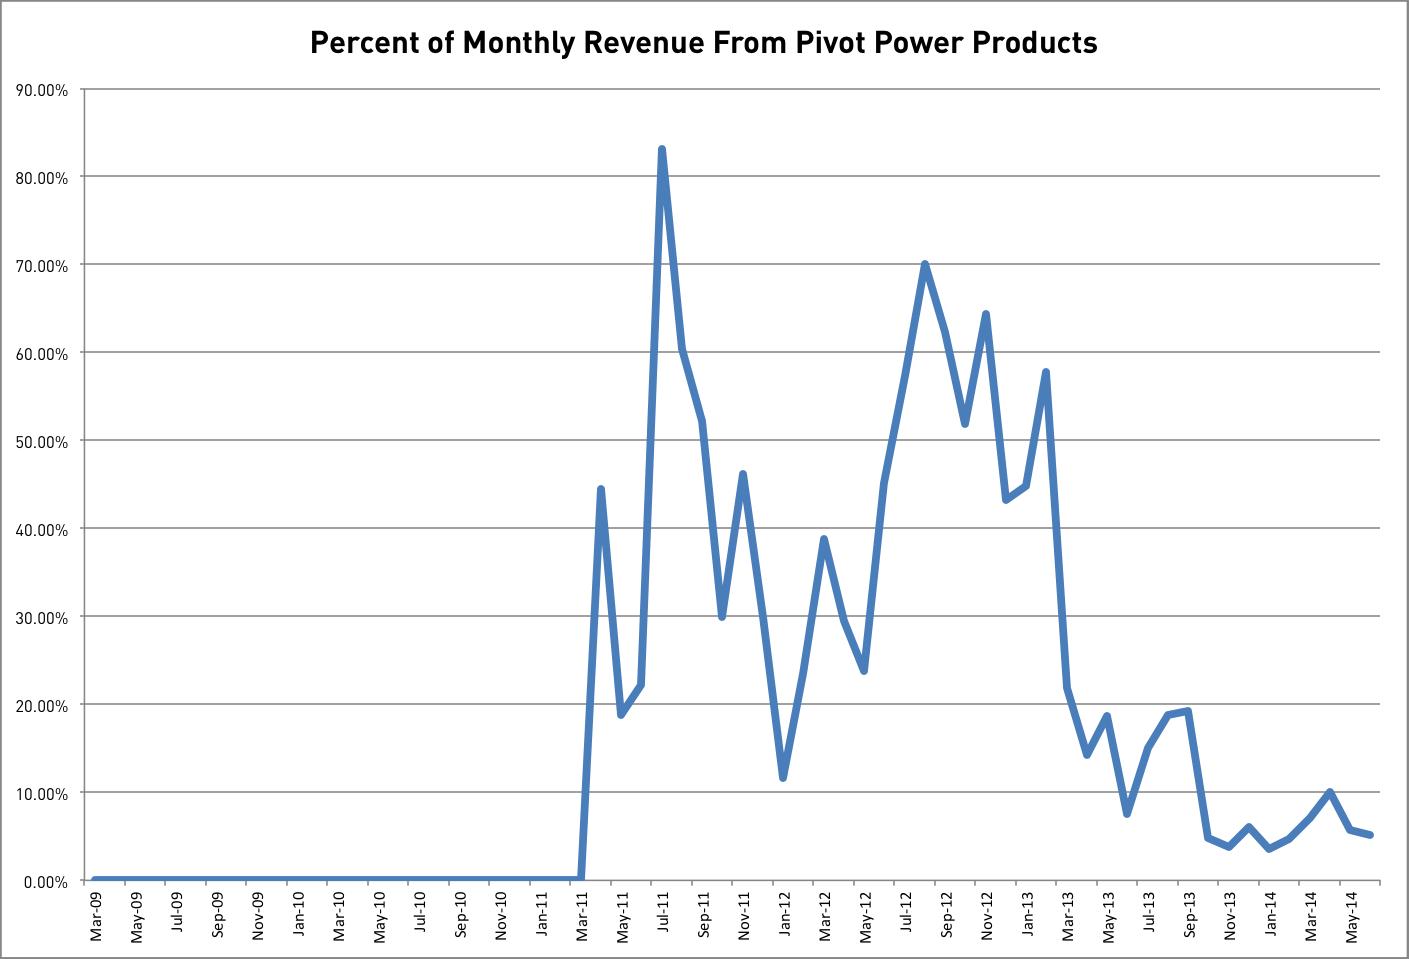 Pivot Power Share Of Revenue